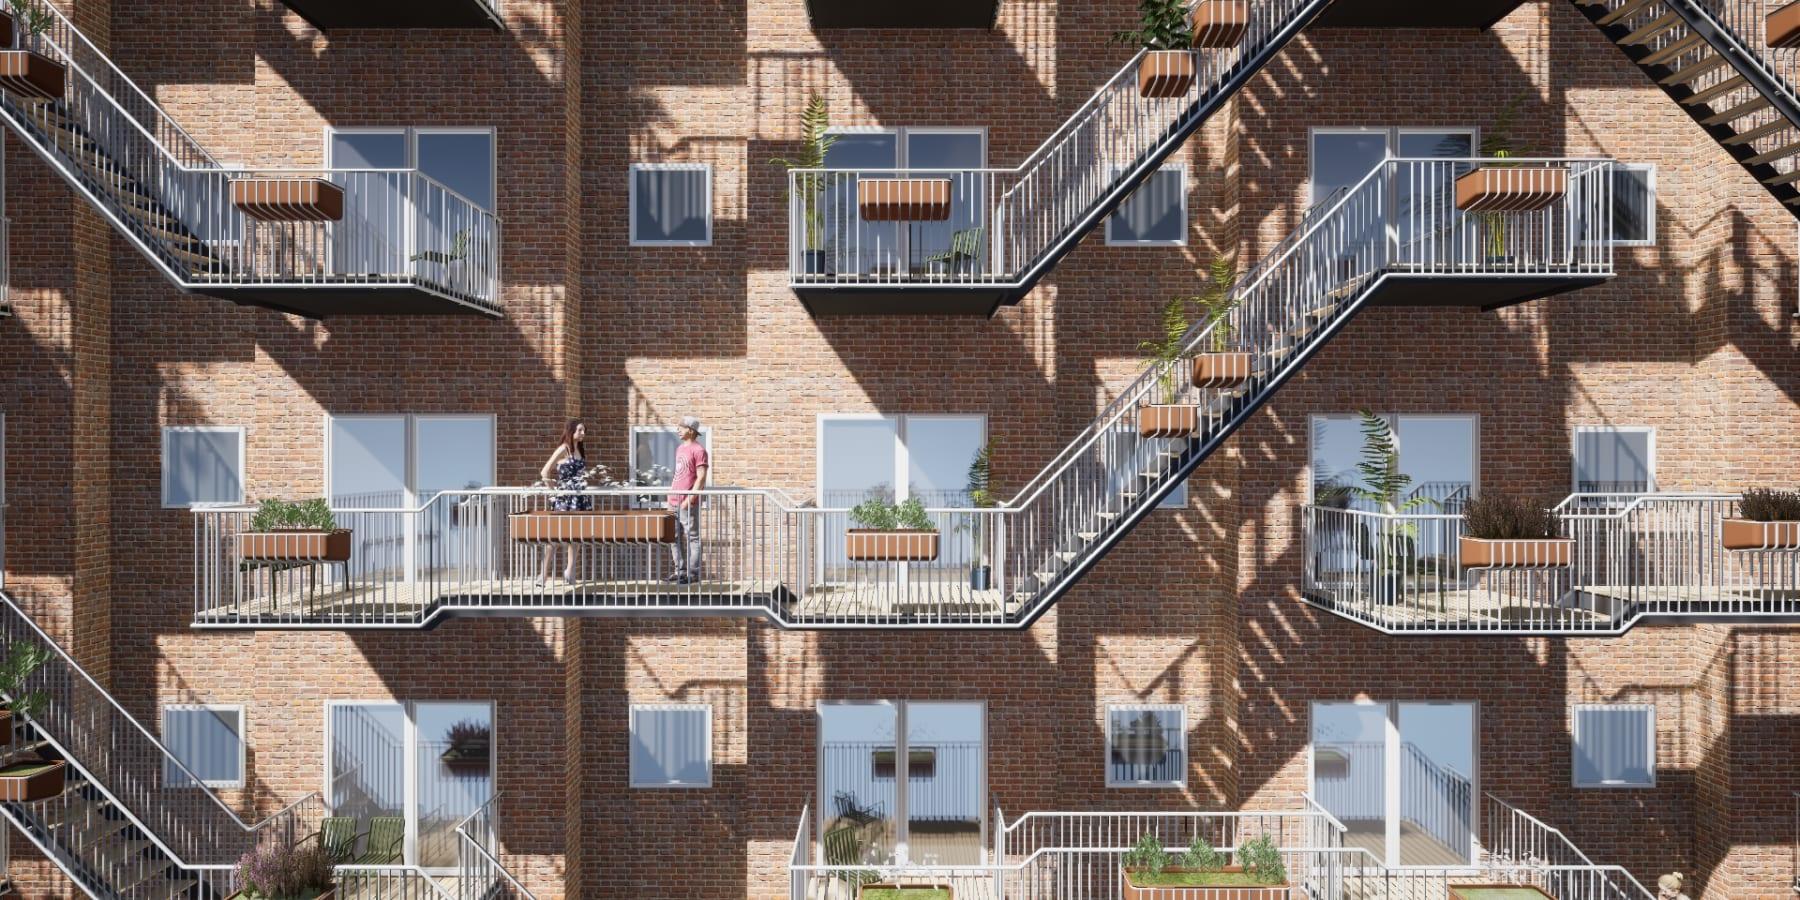 都市の孤独解消に。オランダのシェアするバルコニー「Social Balconies」